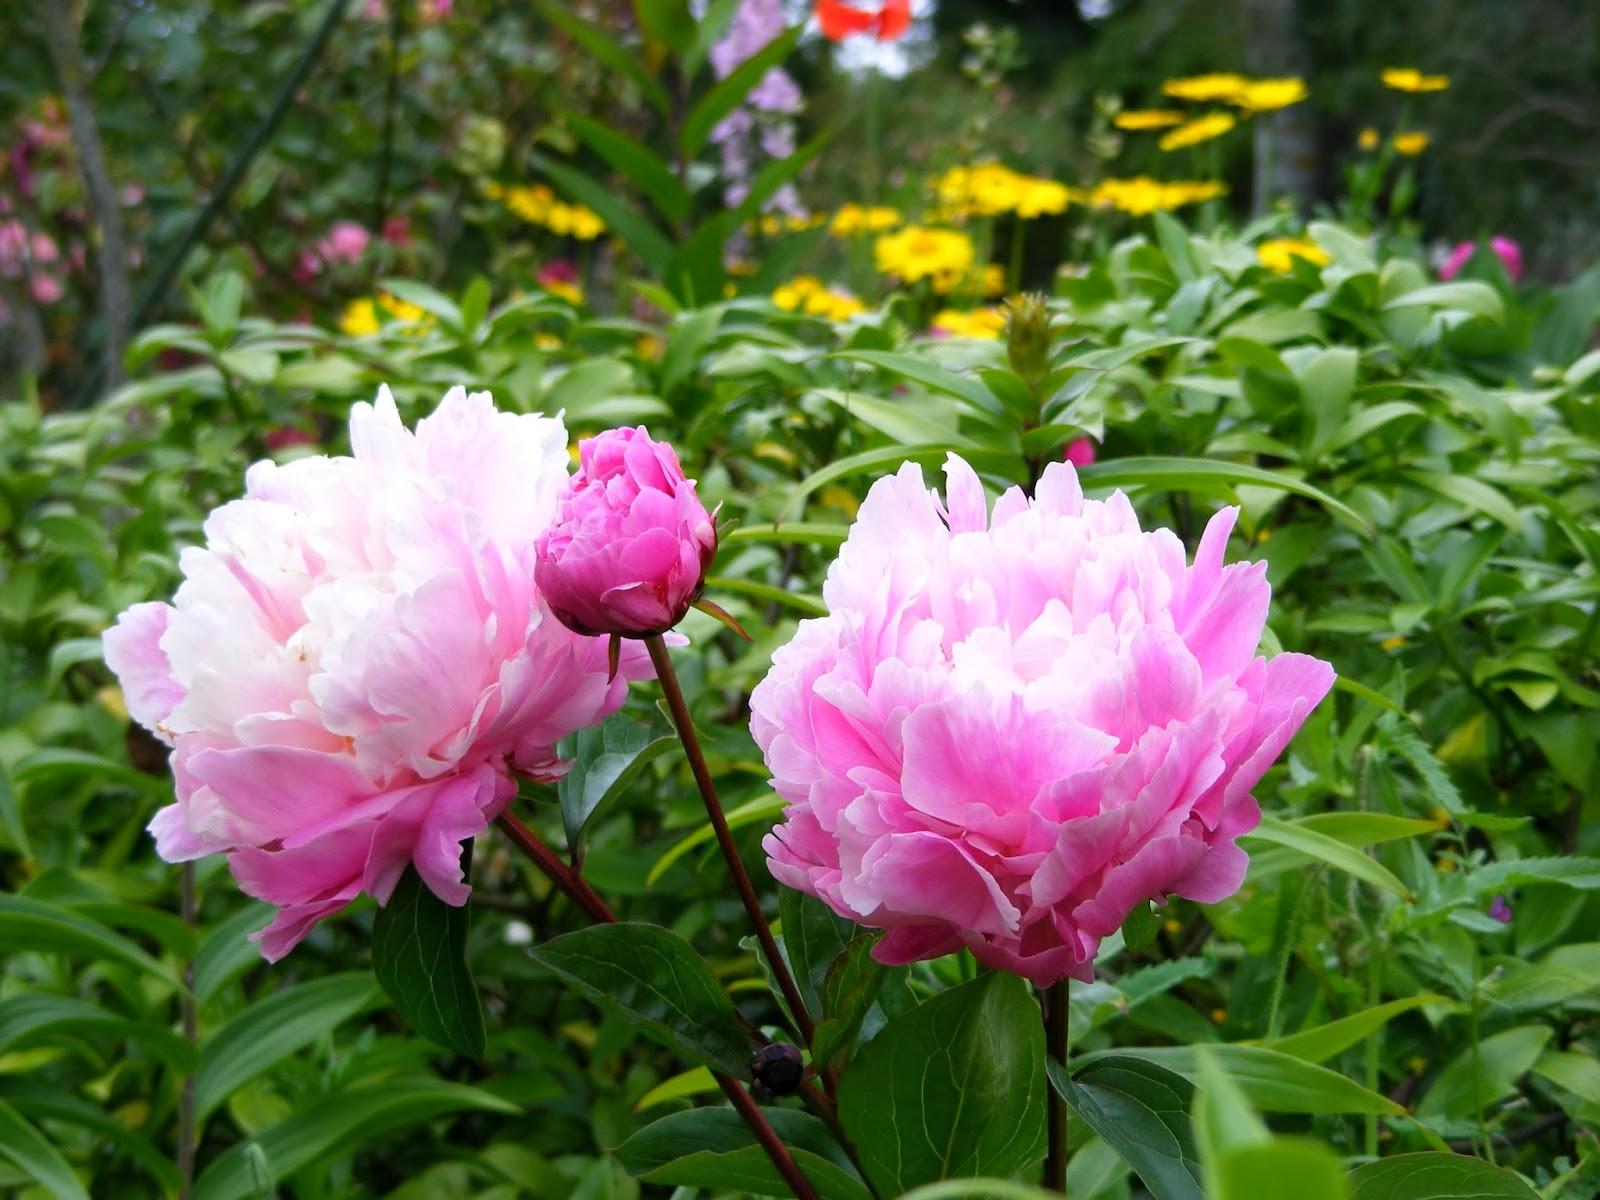 Dursley Garden Wairarapa New Zealand Paeonies And